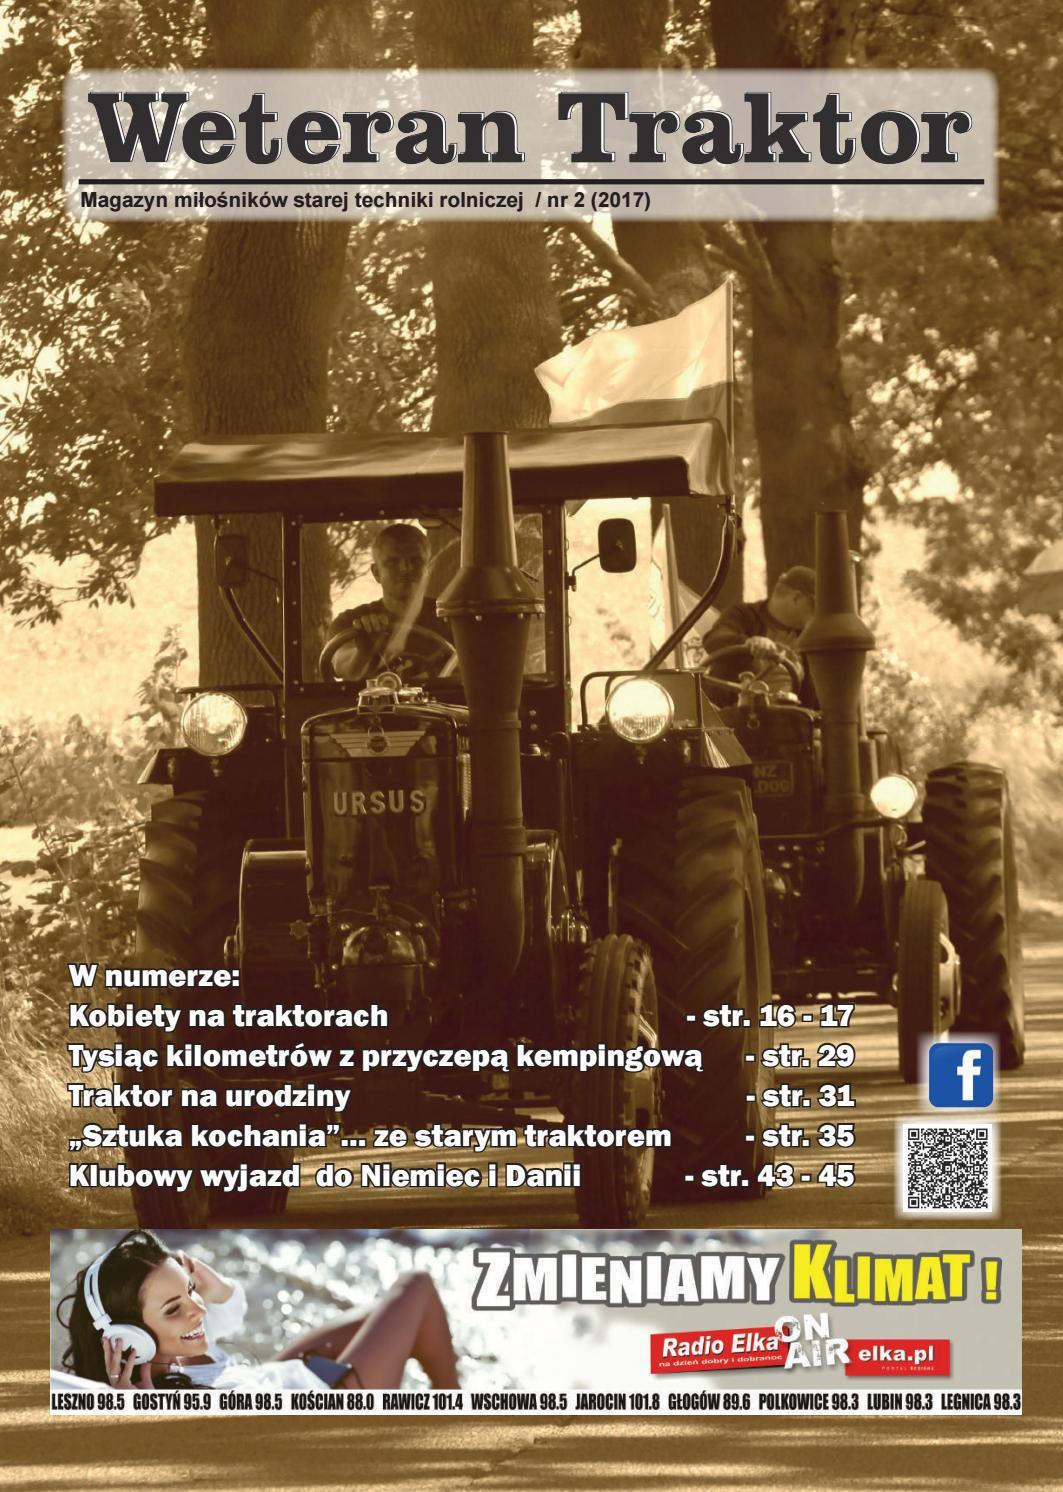 Zjednoczone Królestwo trampki 100% autentyczny Weteran Traktor 2017 by Andreas cieslik - issuu